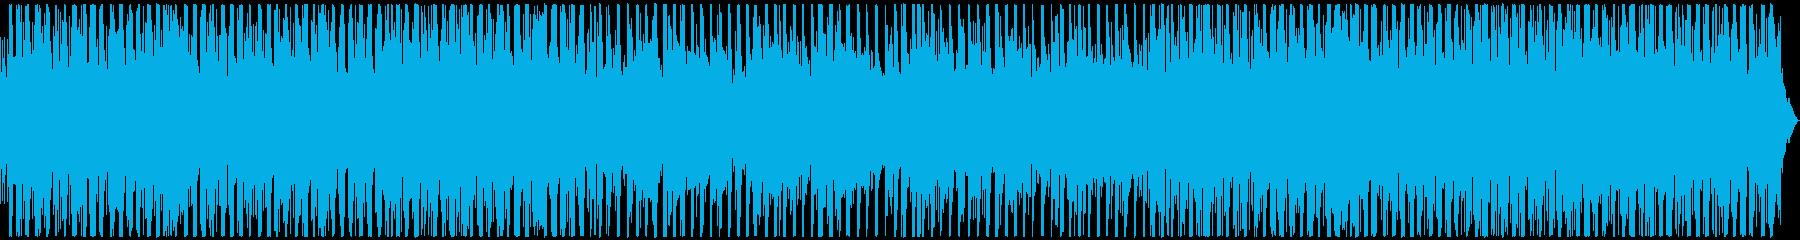 シンプル&クール 浮遊感のあるBGMの再生済みの波形